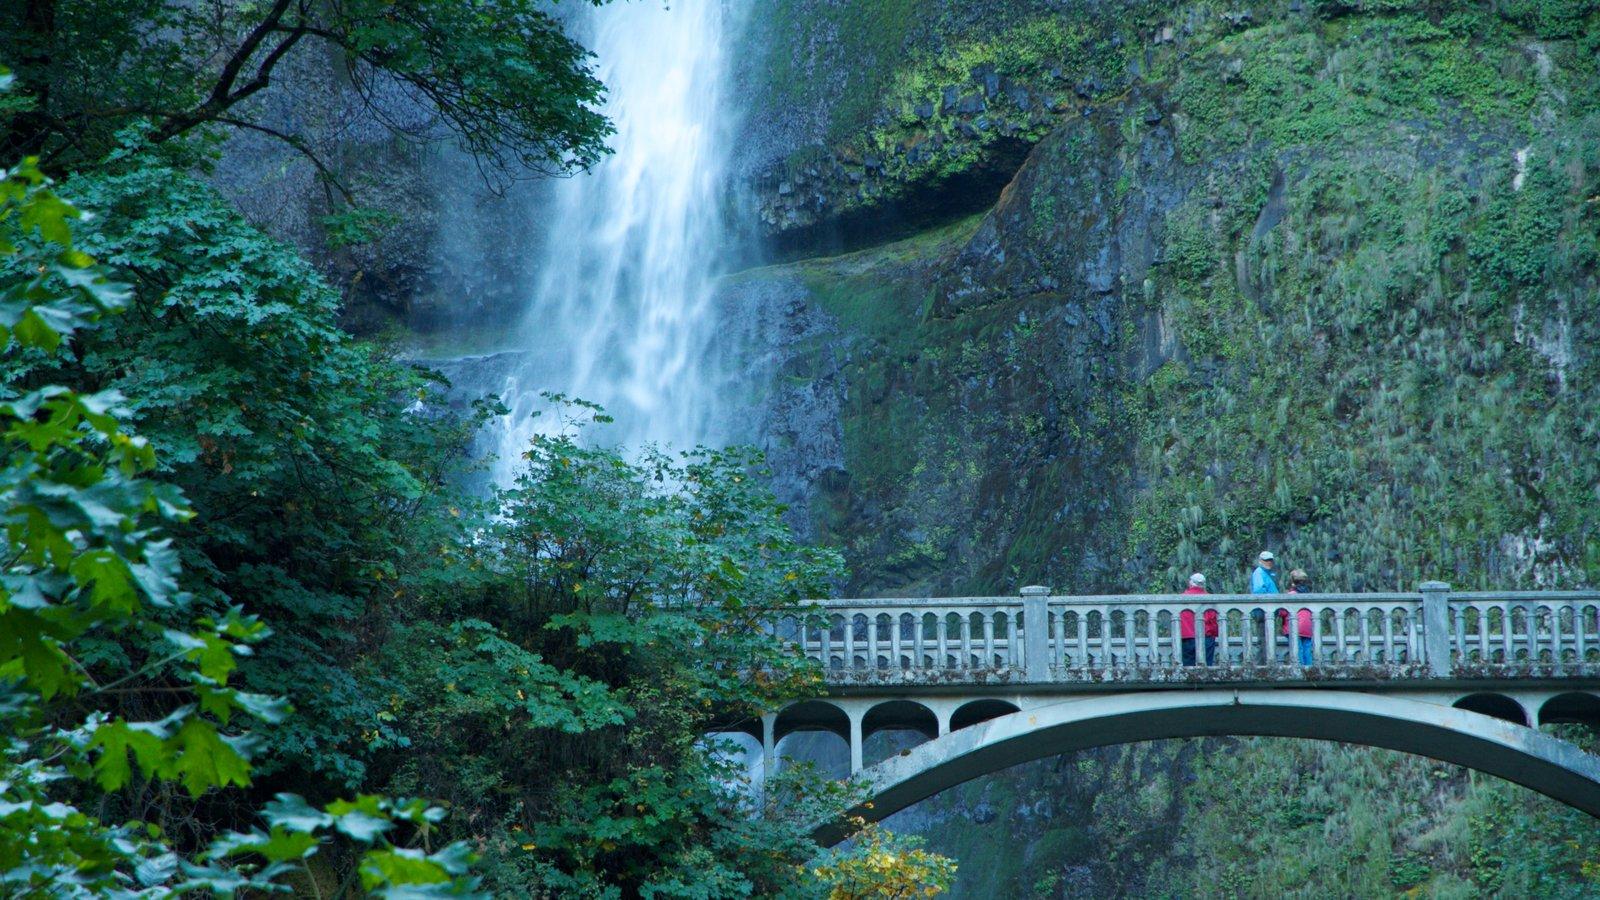 Portland que incluye vistas de paisajes, una cascada y un puente